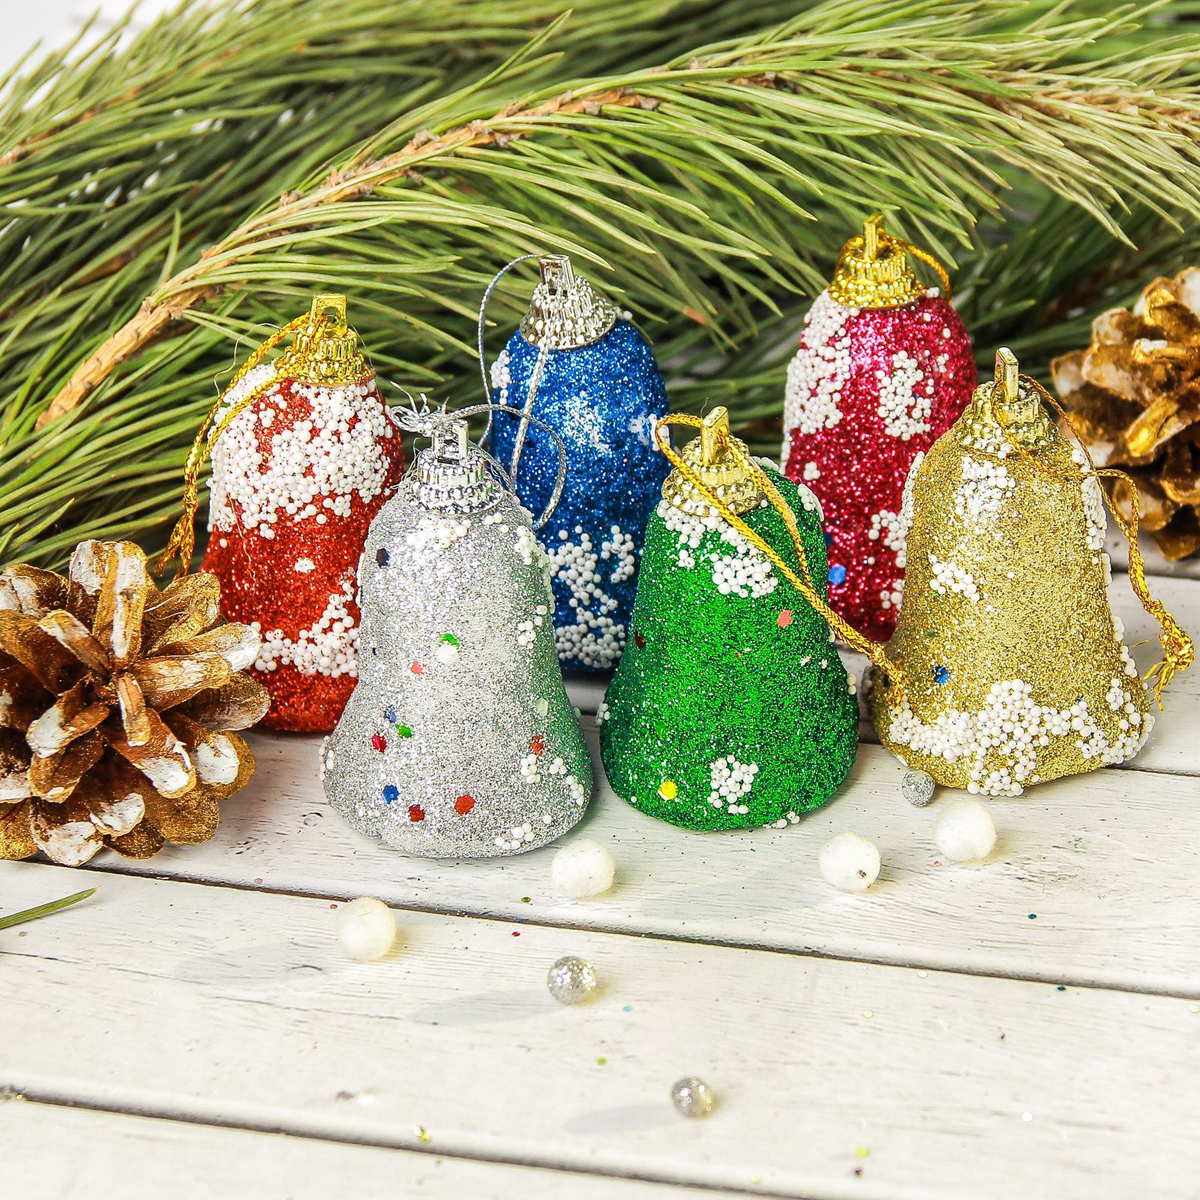 Украшение новогоднее елочное Sima-land Блеск, 4 х 4,5 см, 6 шт2372139Невозможно представить нашу жизнь без праздников! Мы всегда ждём их и предвкушаем, обдумываем, как проведём памятный день, тщательно выбираем подарки и аксессуары, ведь именно они создают и поддерживают торжественный настрой.